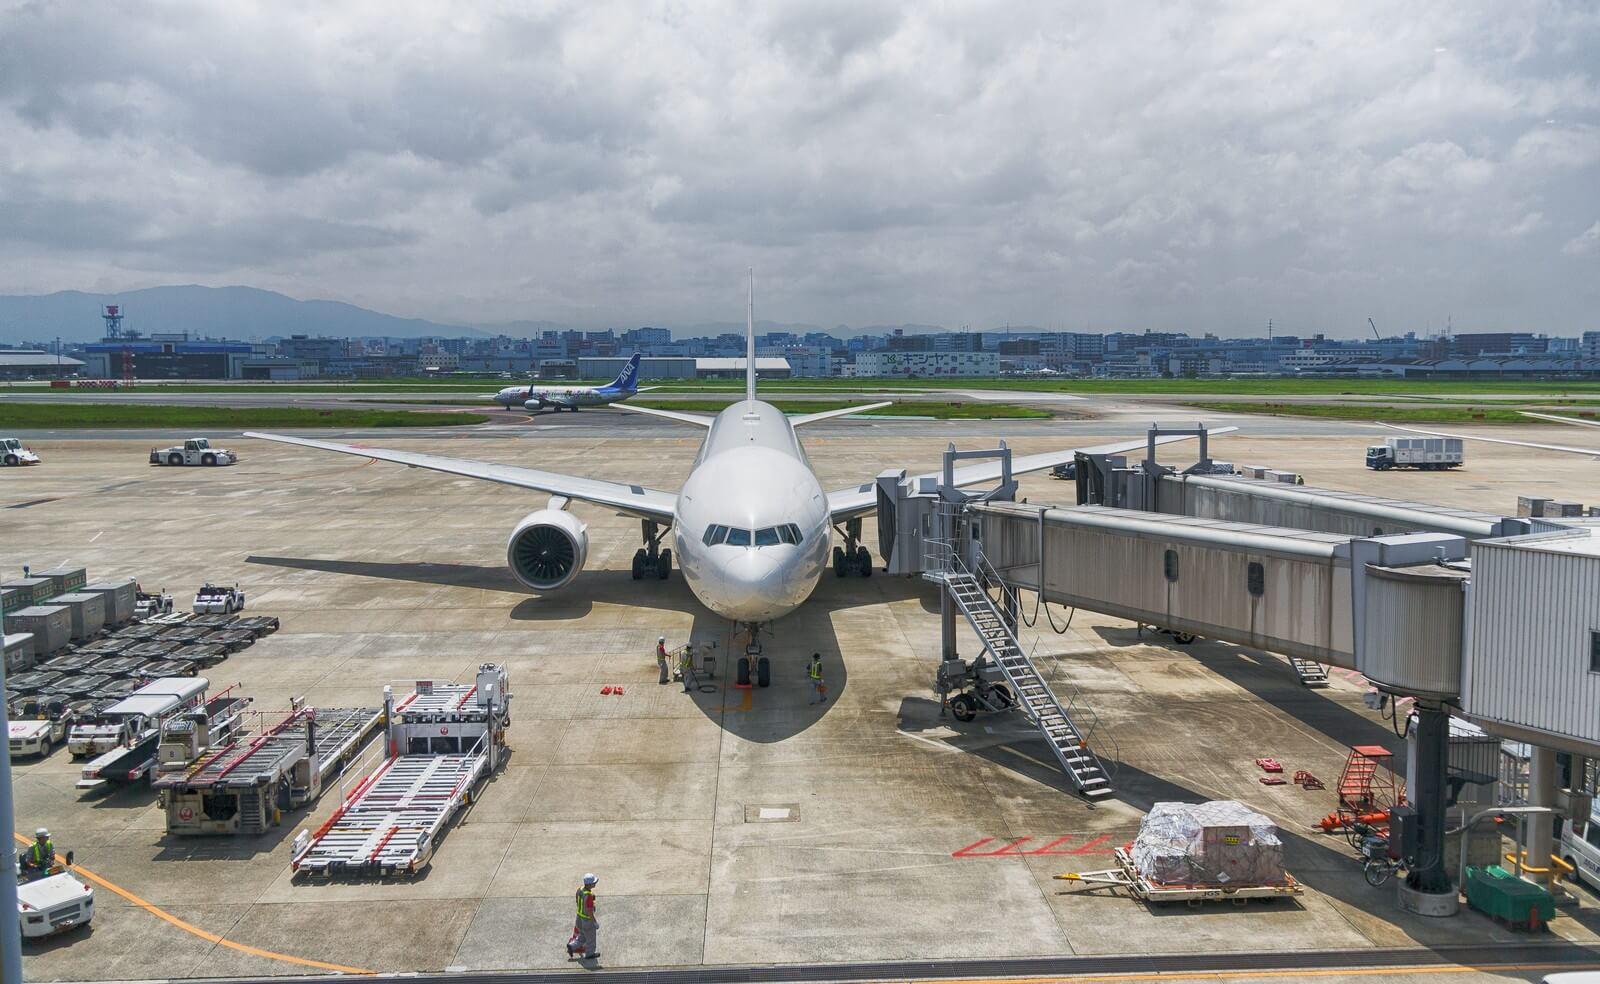 【恐怖】全日空系エアージャパン機内に白い煙が充満し乗客パニック!